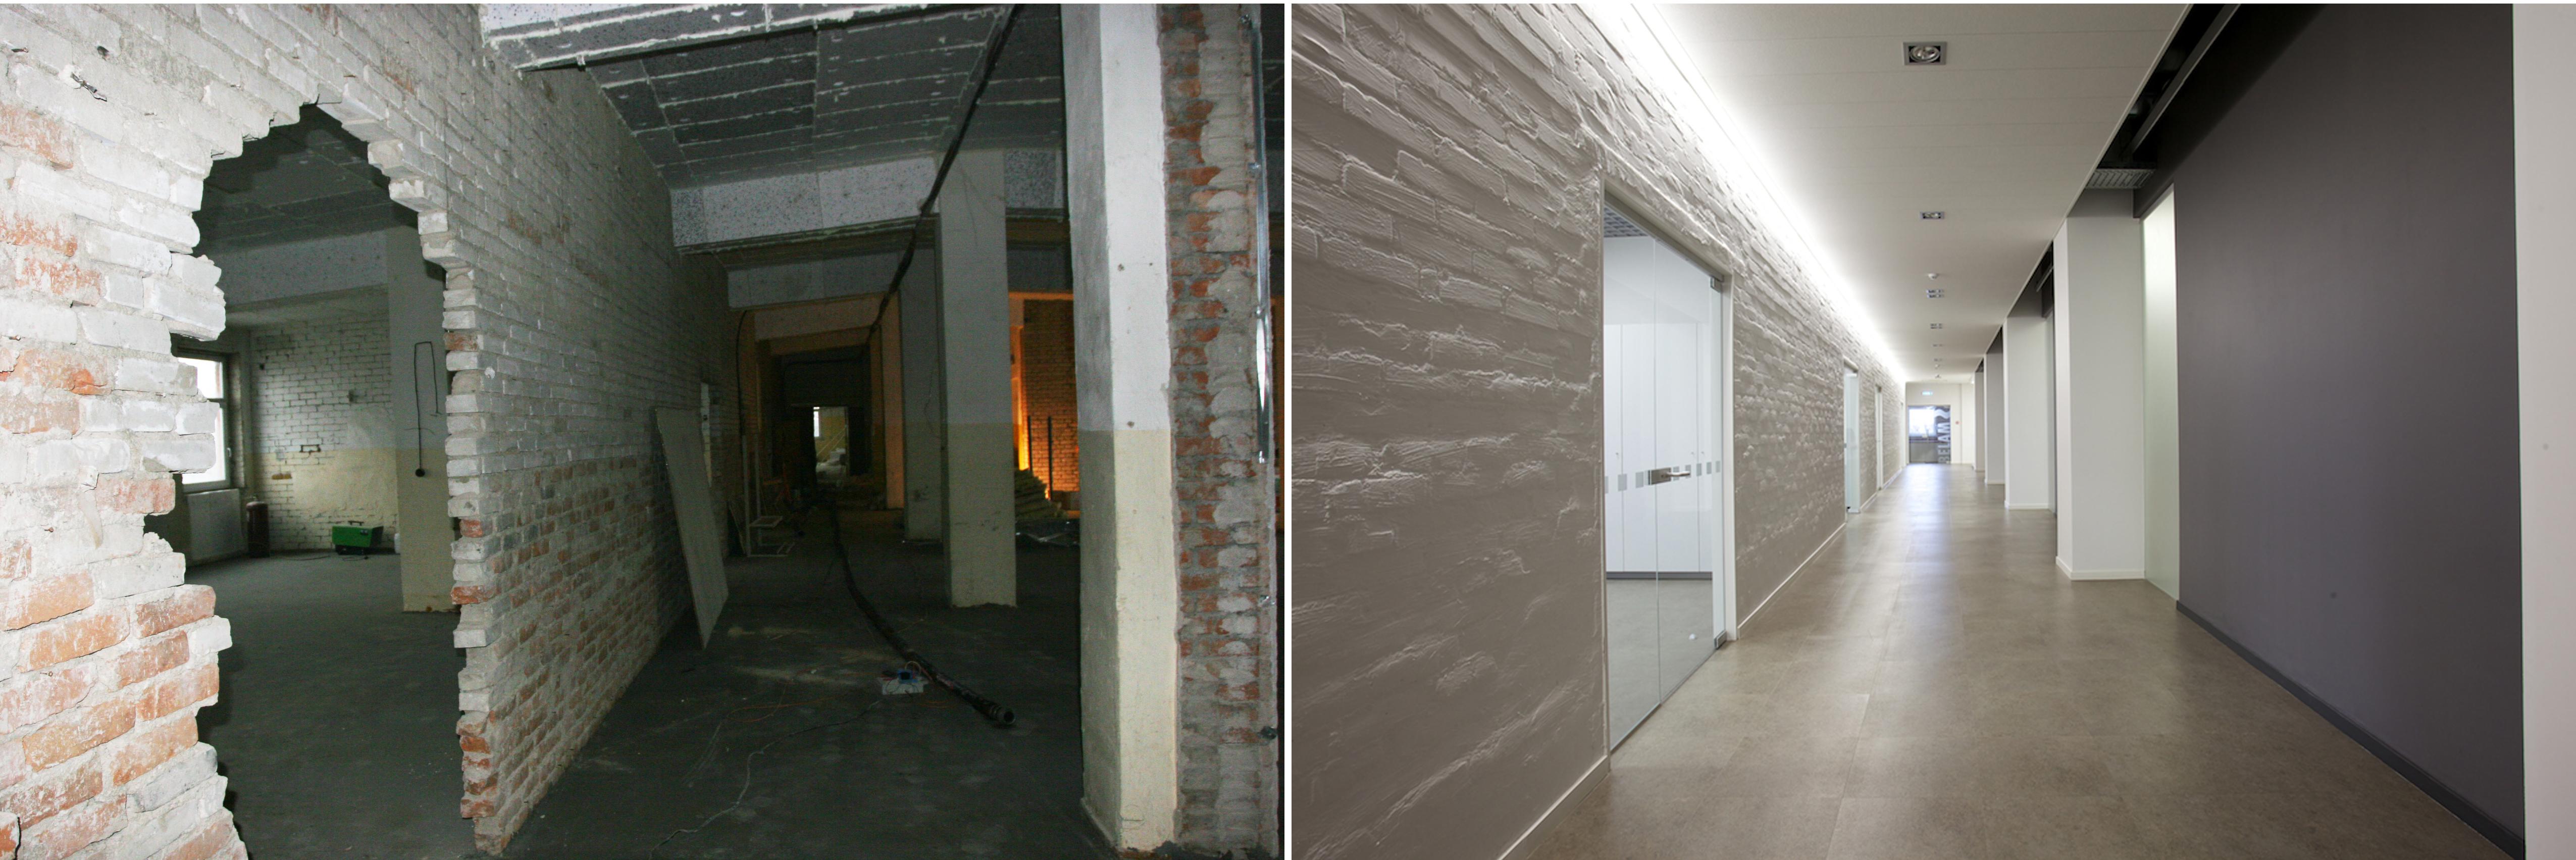 Koridoriaus vaizdas Belam biuro interjeras prieš ir po